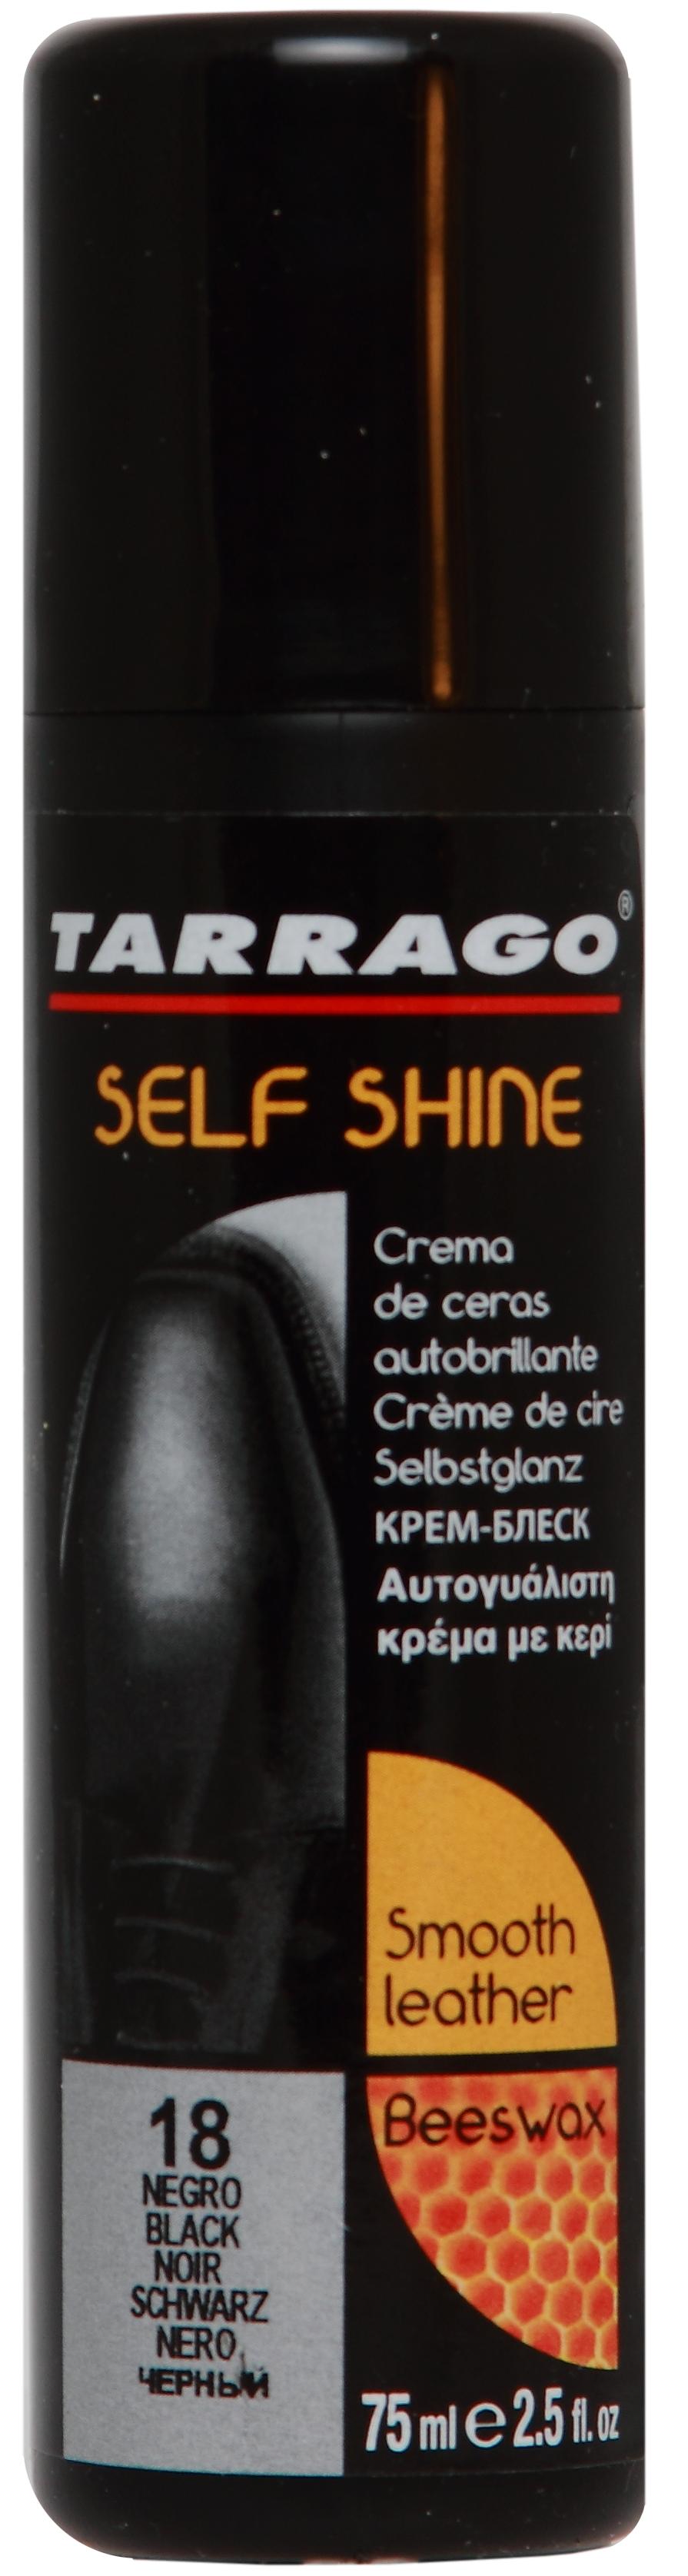 Tarrago Self Shine méhviaszos cipőkrém